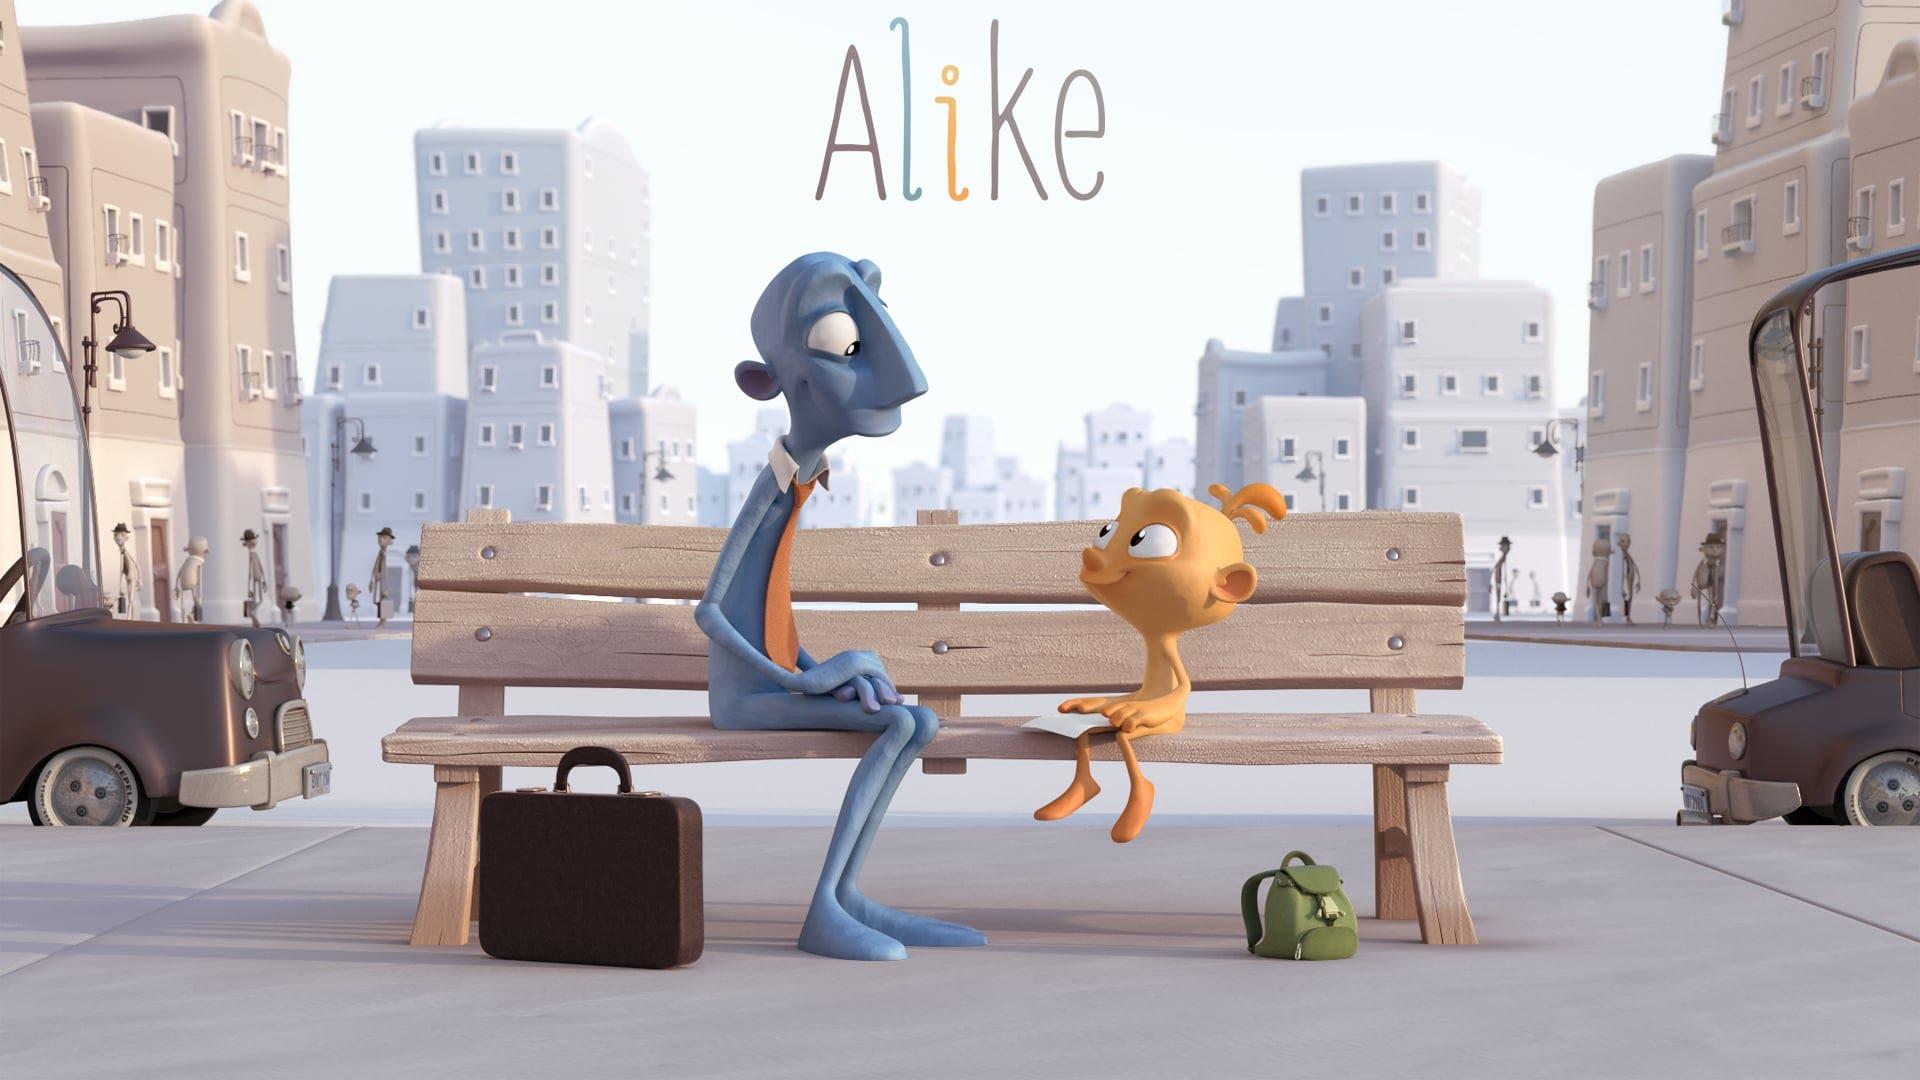 Alike — чудесный короткометражный мульт о родителях и детях